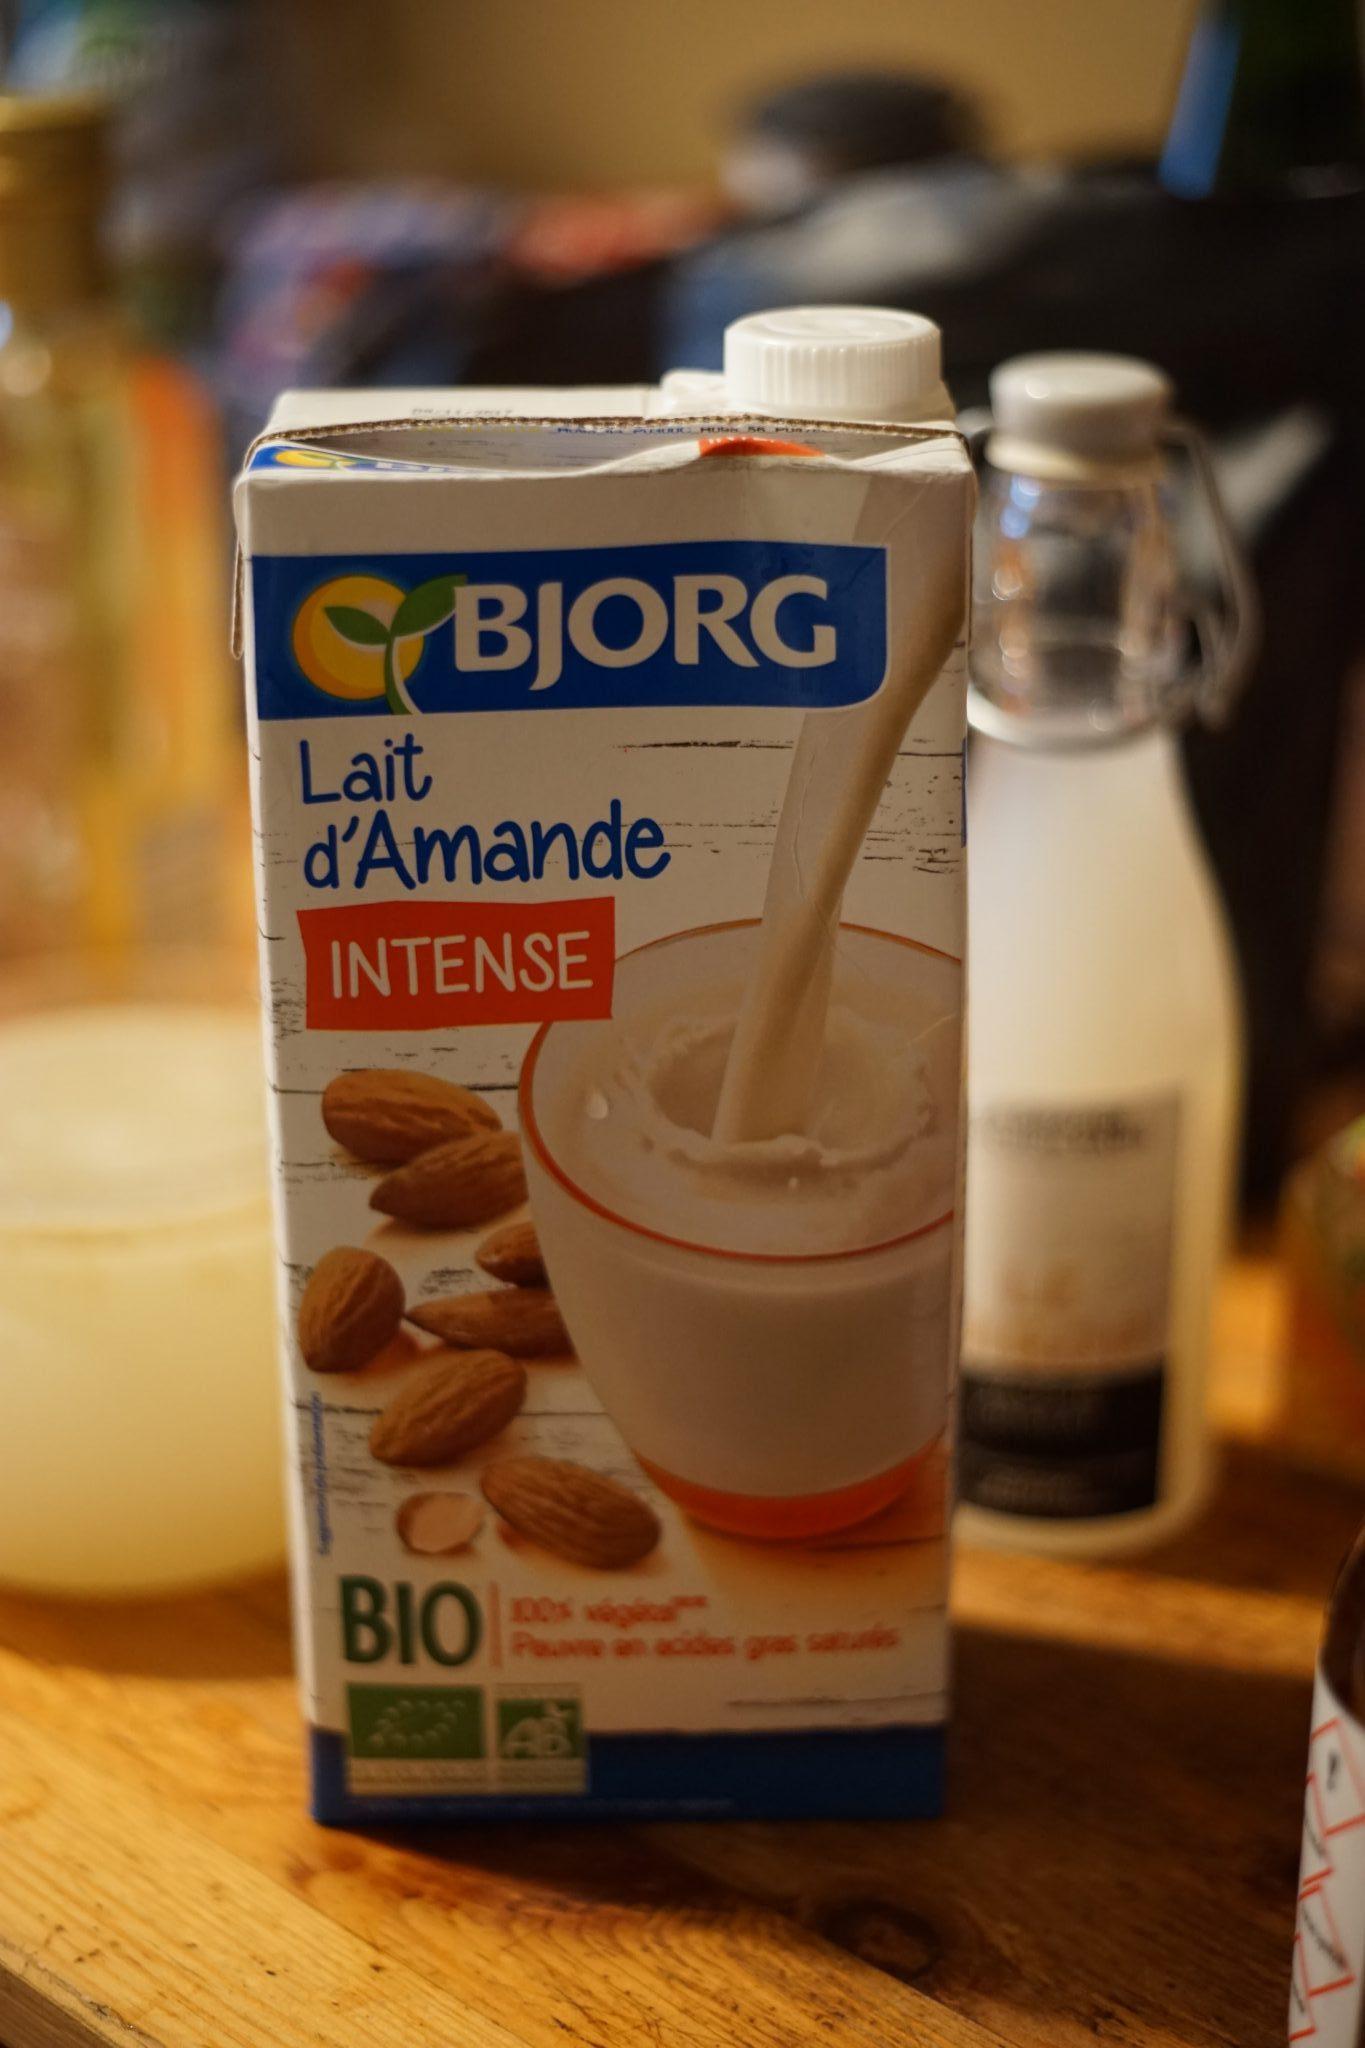 bjorg lait d'amande